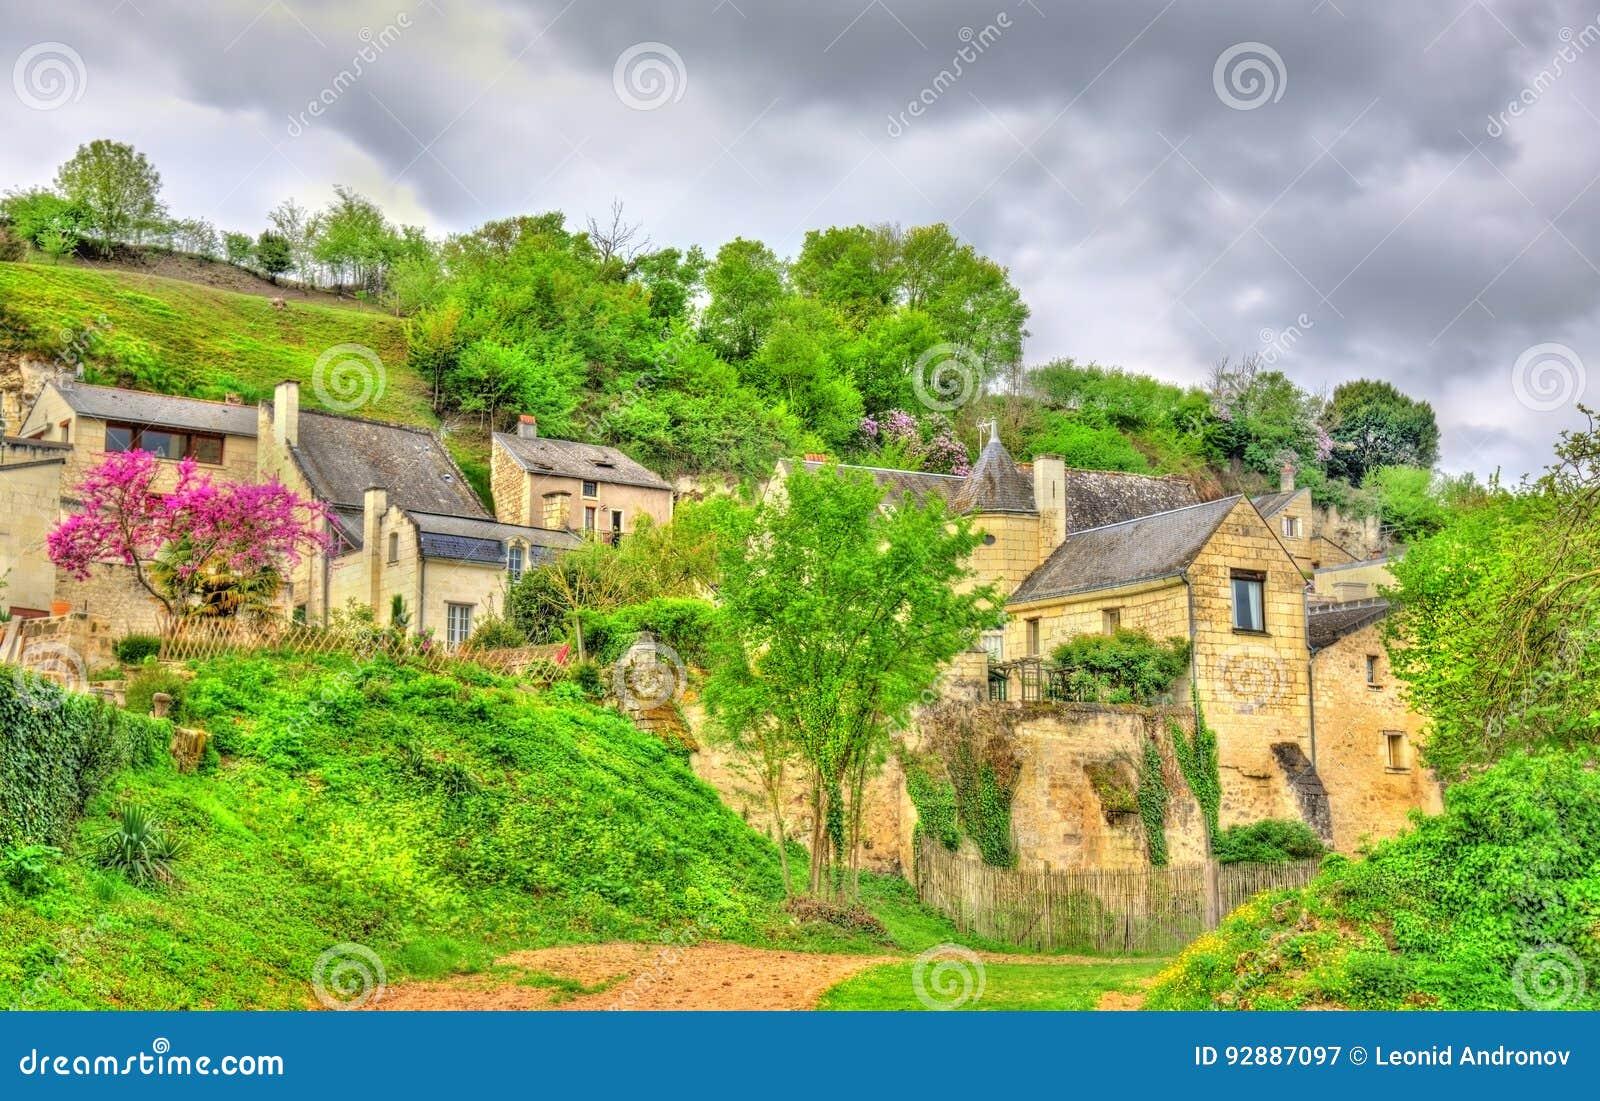 Ajardine no castelo de Montsoreau no banco do Loire em França